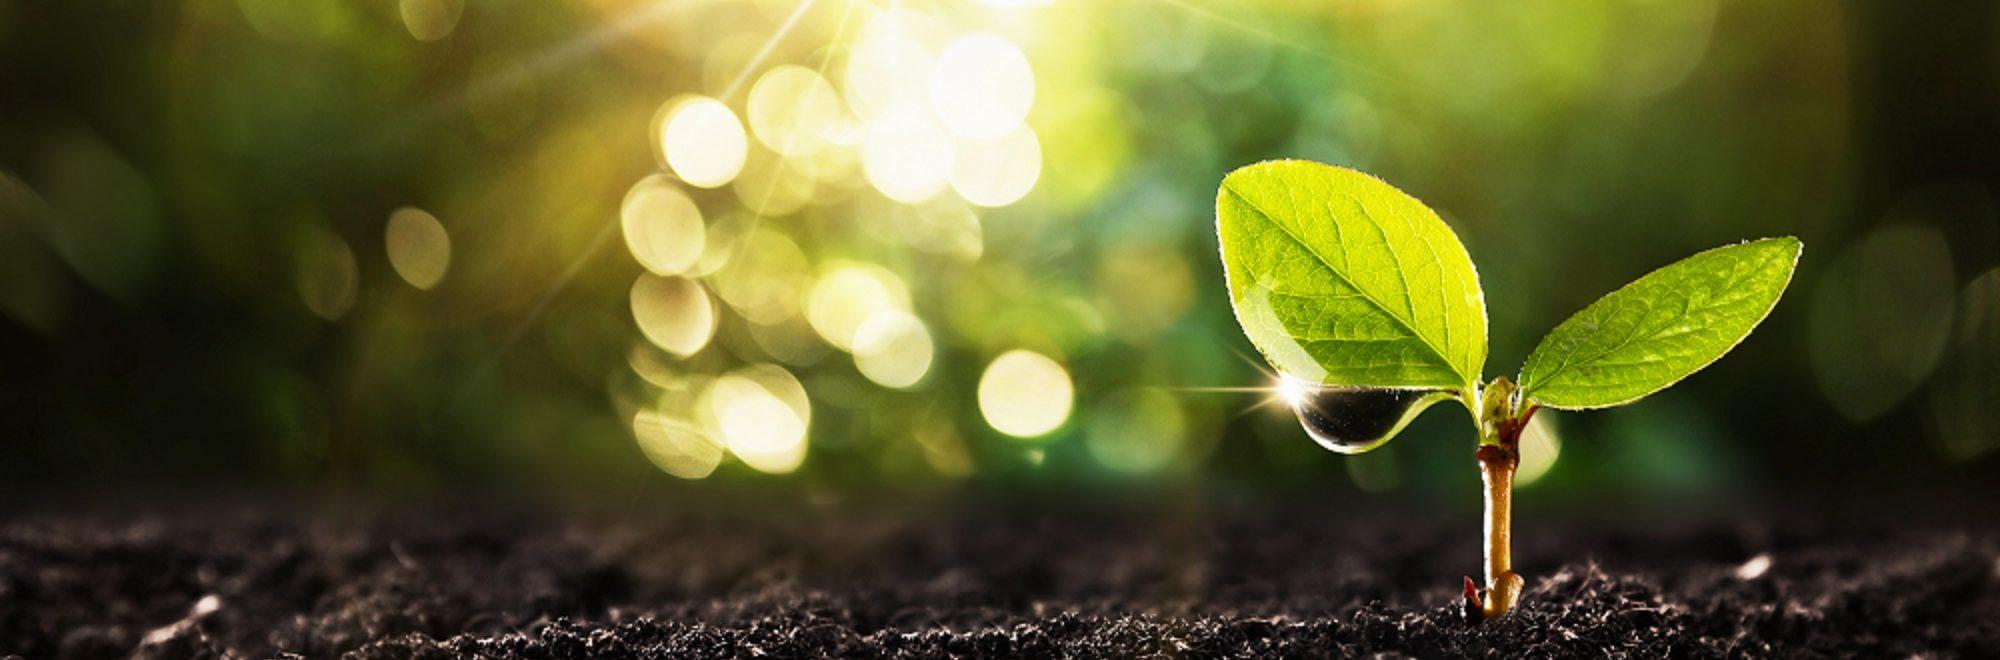 Kleine Pflanze im Licht